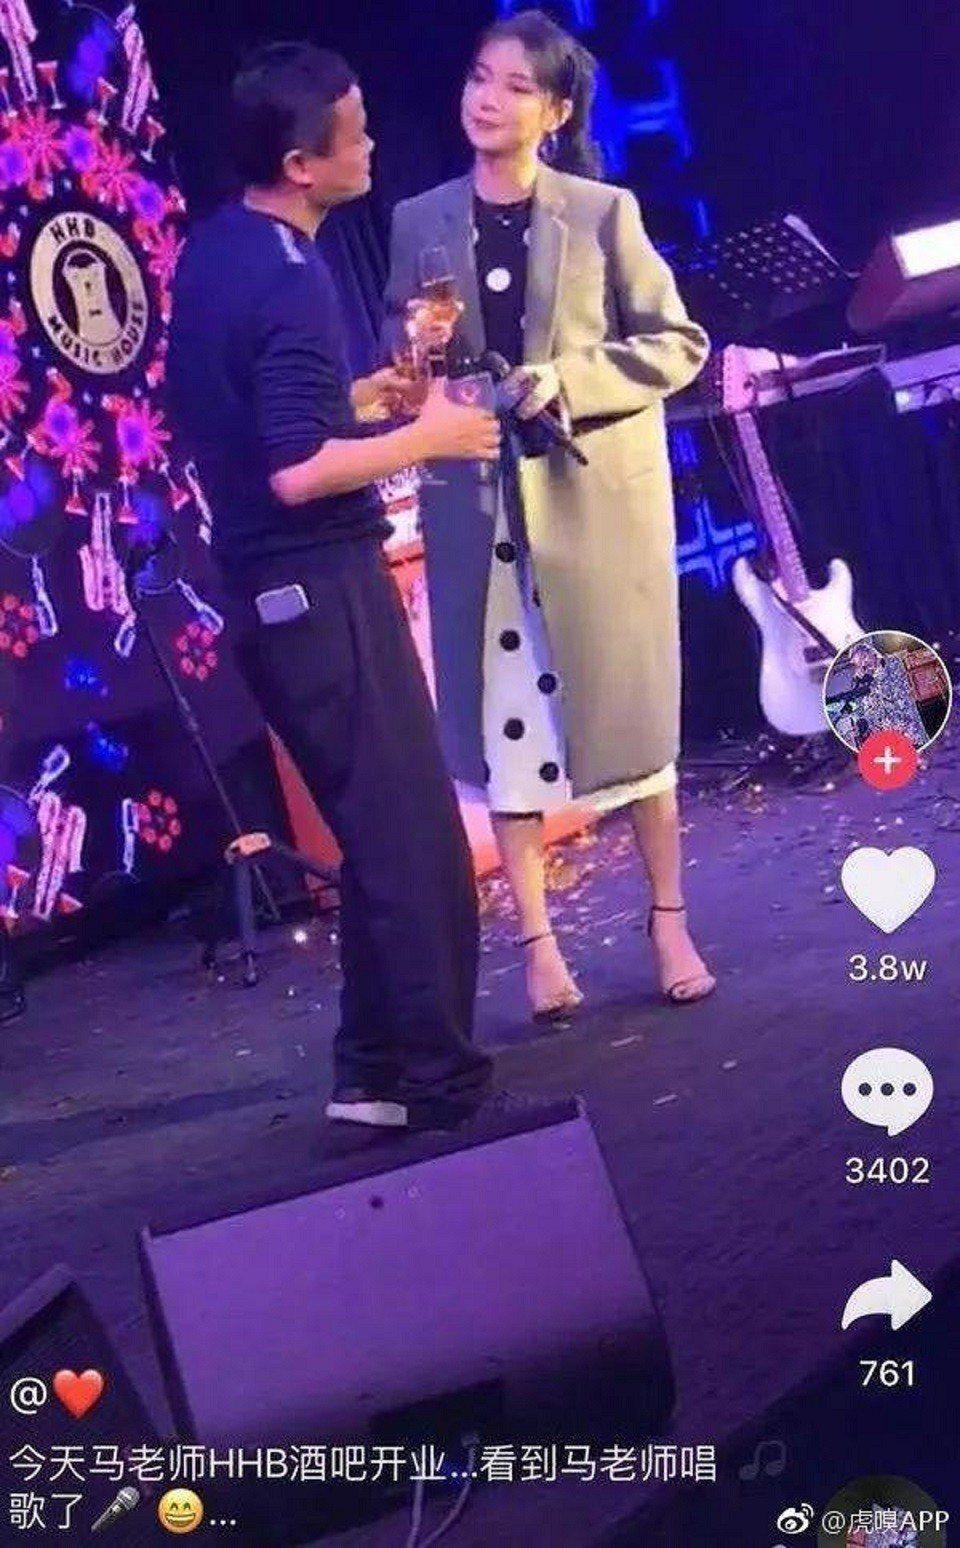 馬雲與一名女士合唱「廣島之戀」。虎嘯APP